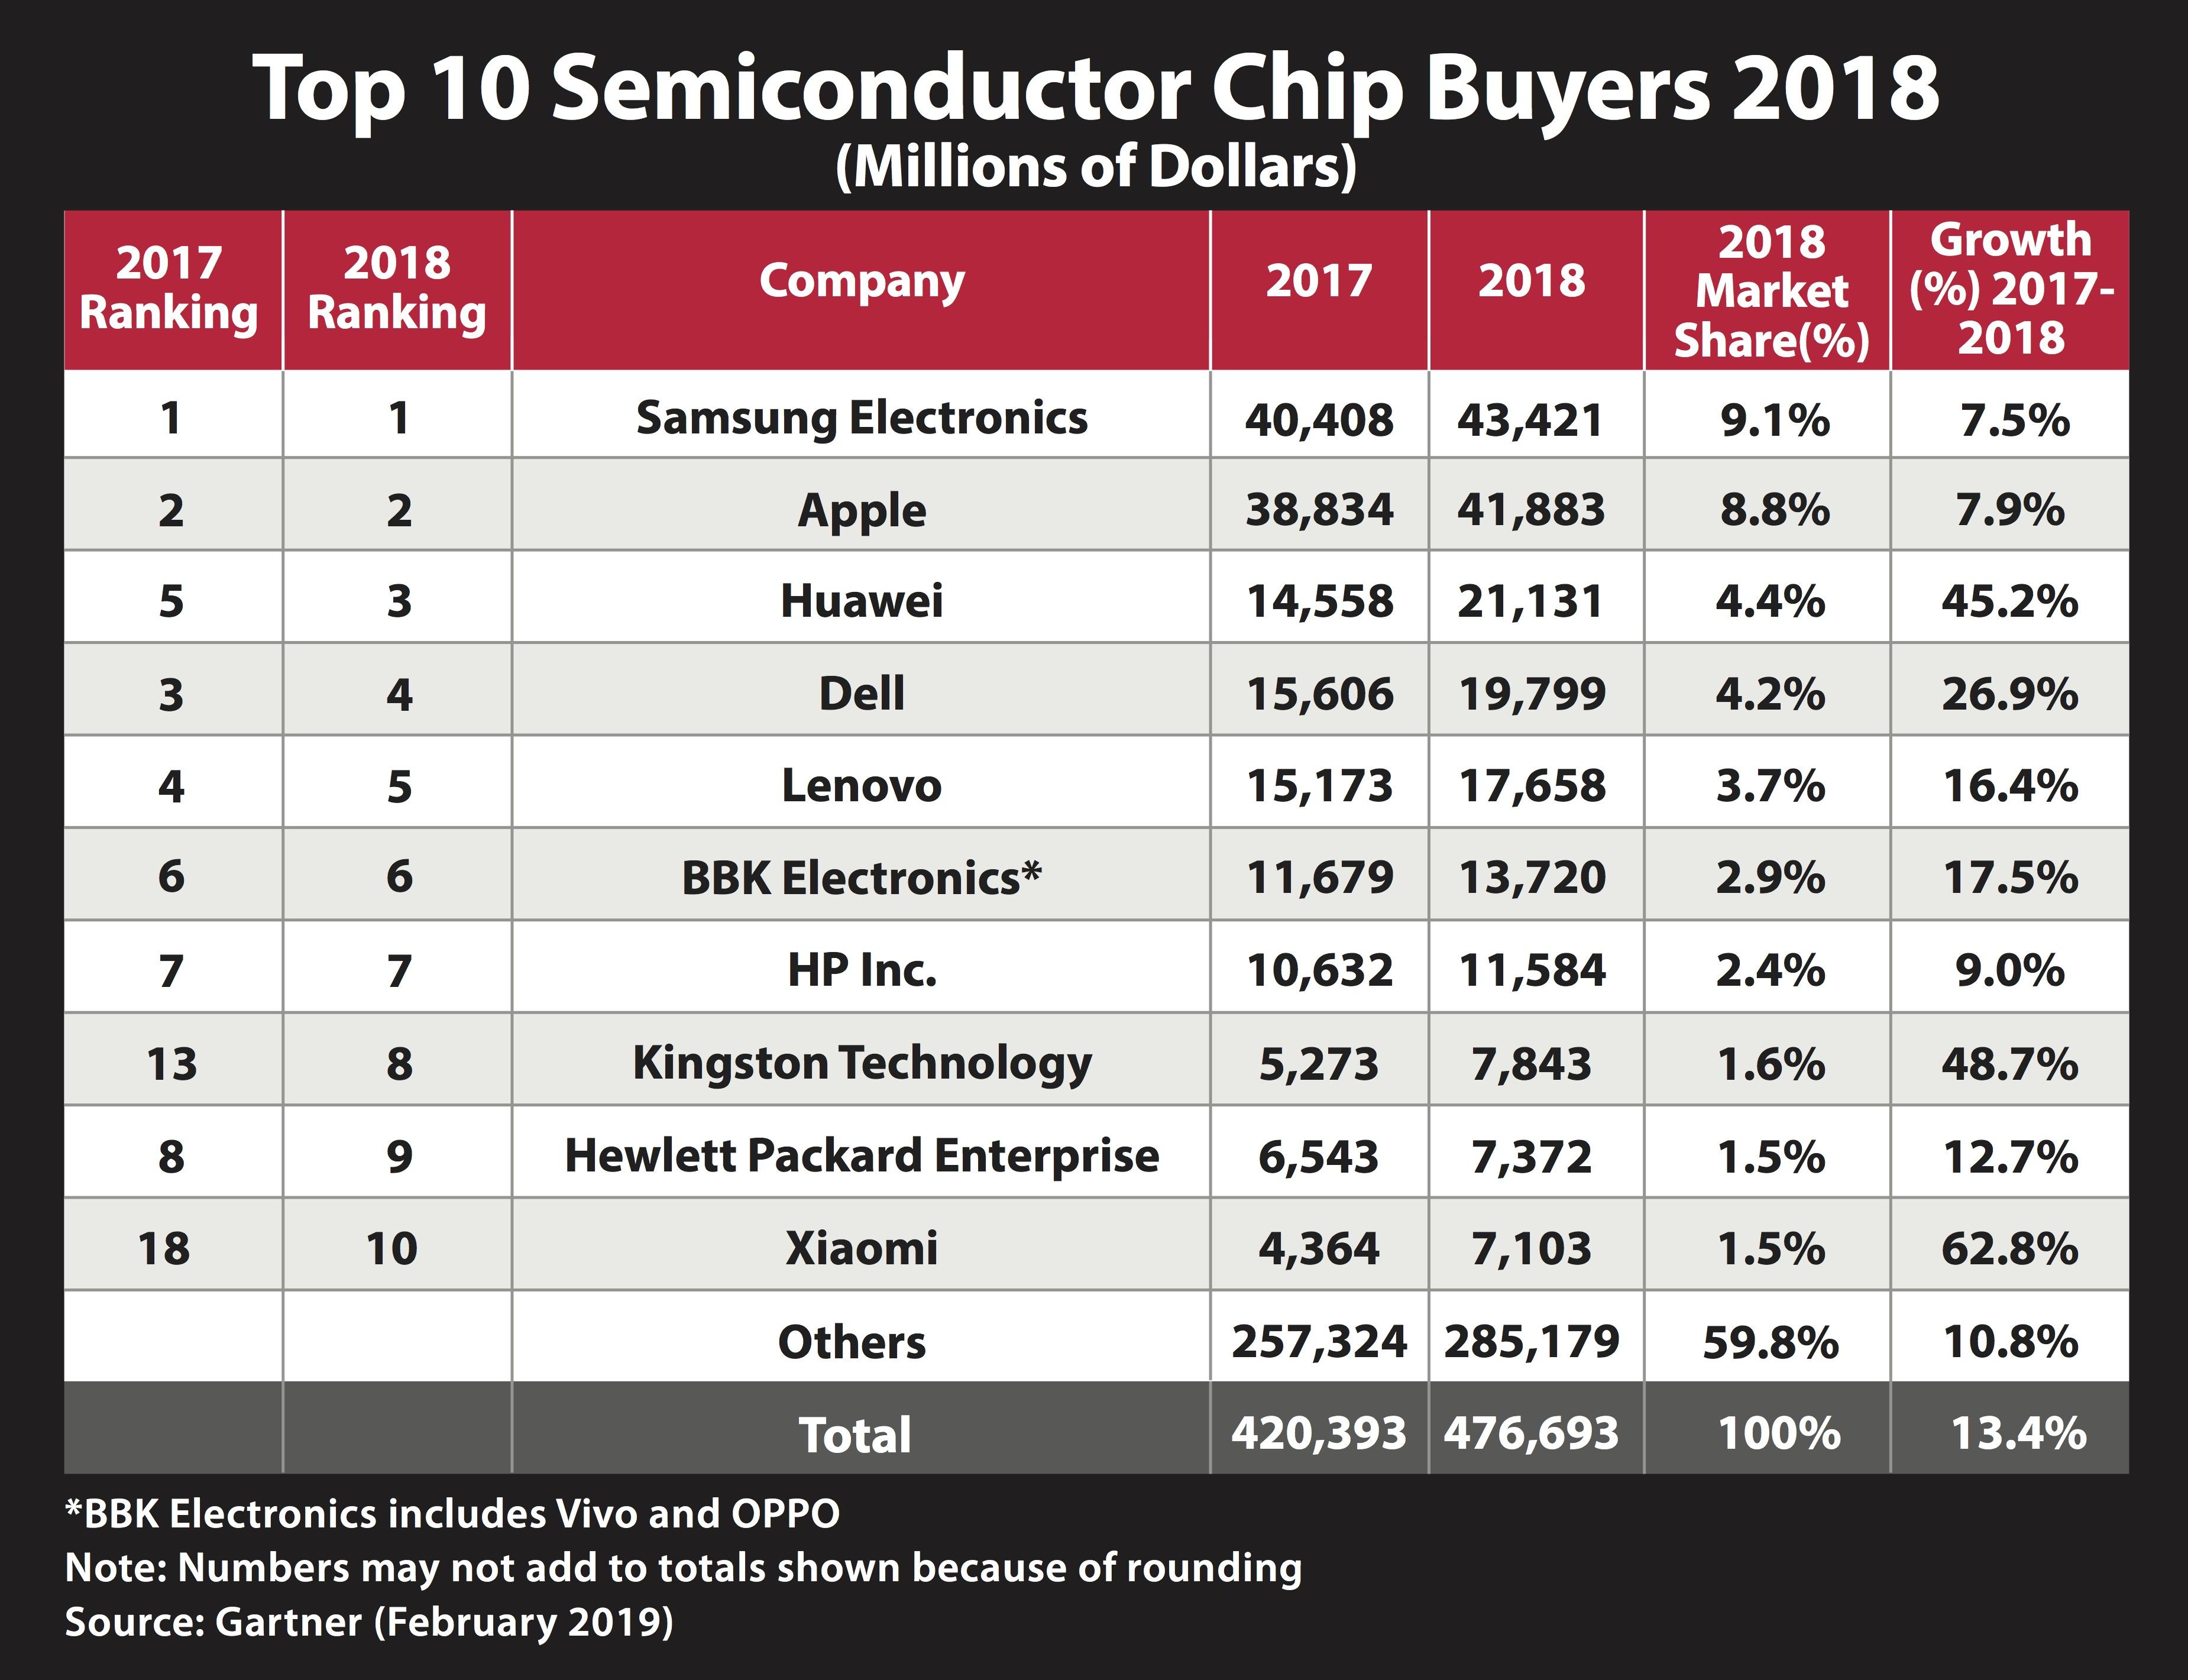 คิงส์ตัน เทคโนโลยี ขึ้นแท่นท็อป 10 ผู้ซื้อชิปเซมิคอนดักเตอร์ของโลก